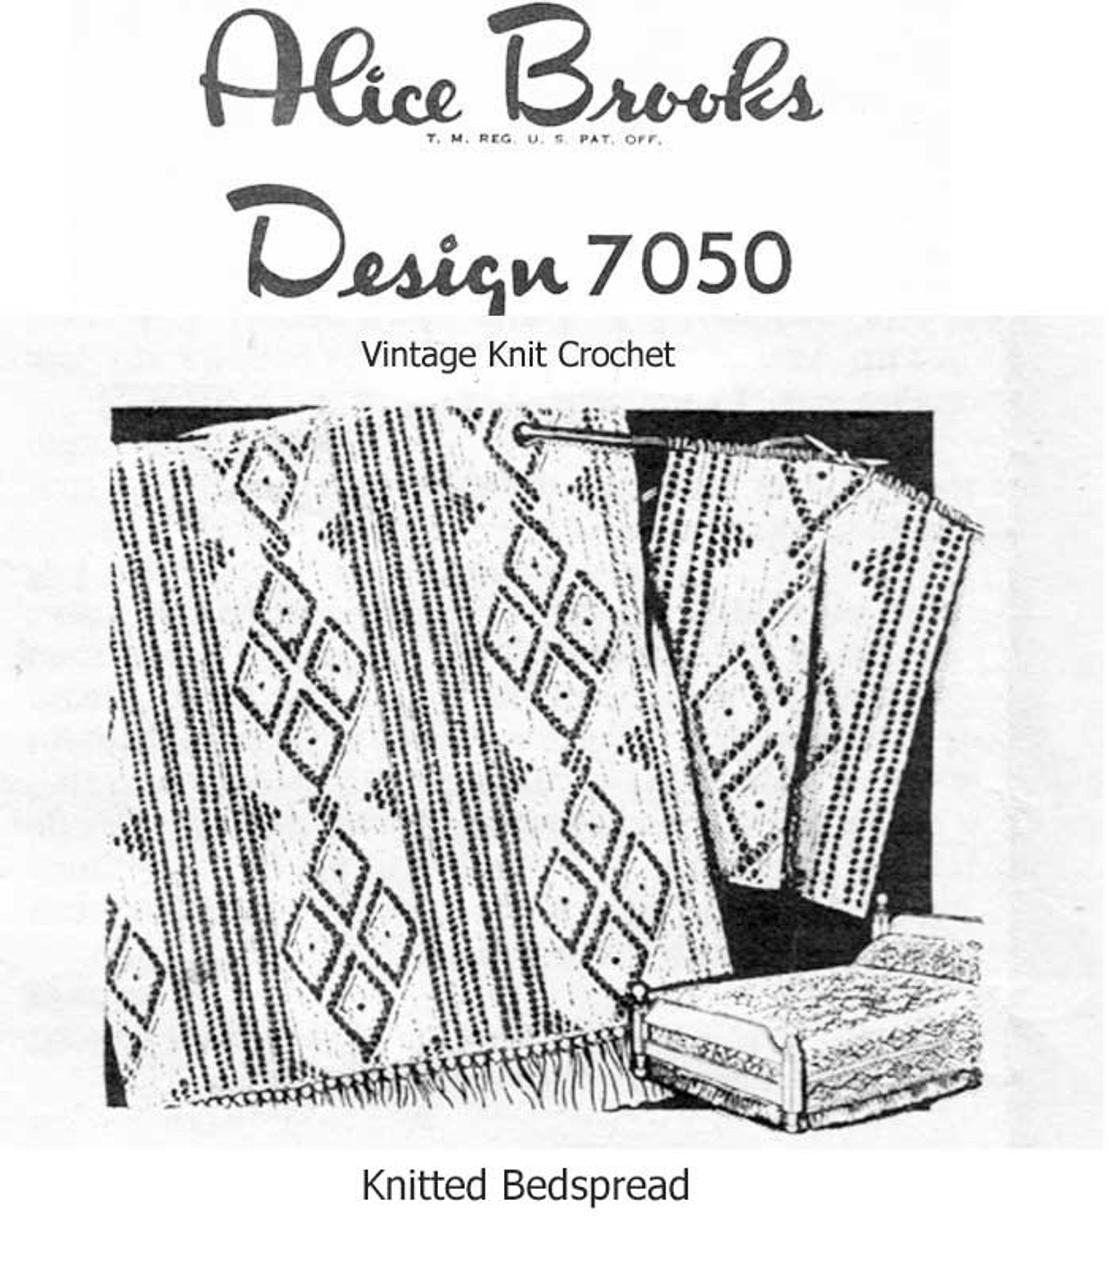 Vintage Knitted Bedspread Pattern, Diamond Panel, Alice Brooks 7050